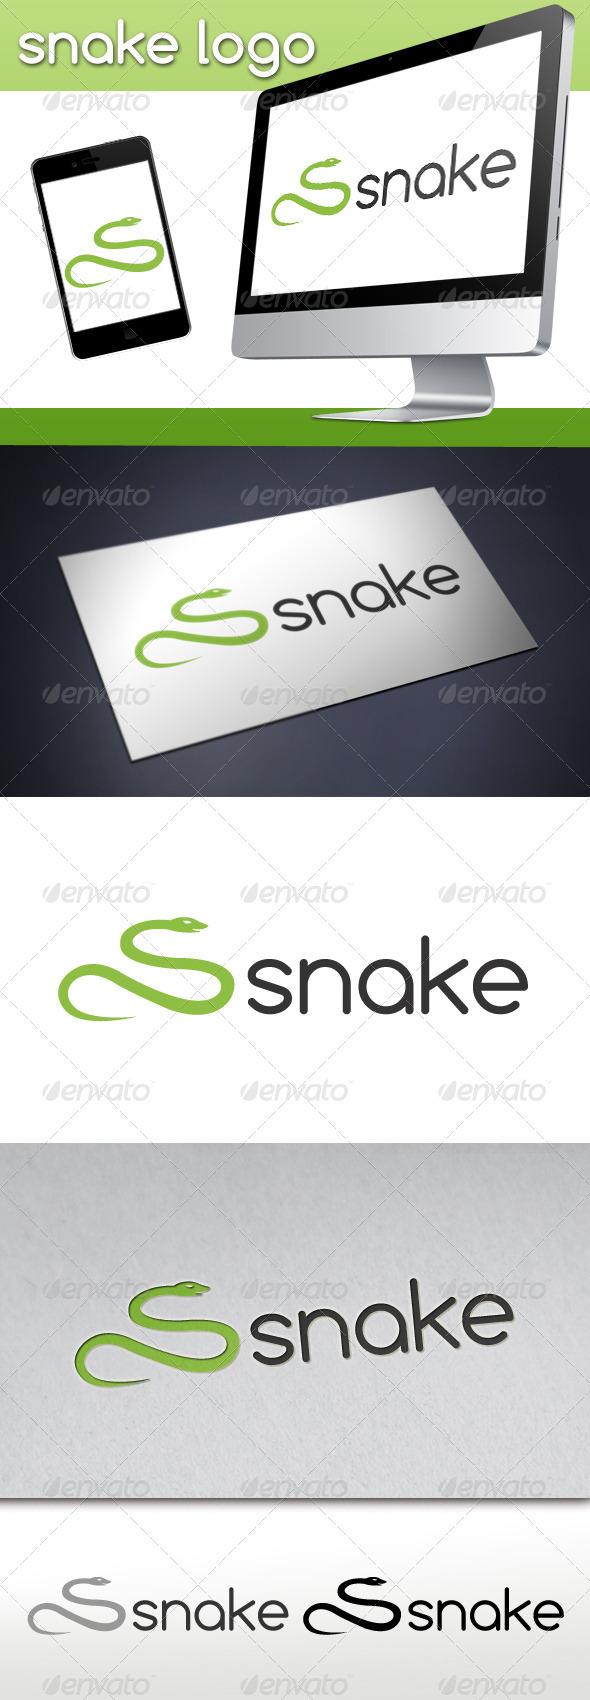 GraphicRiver Snake Logo 3410789